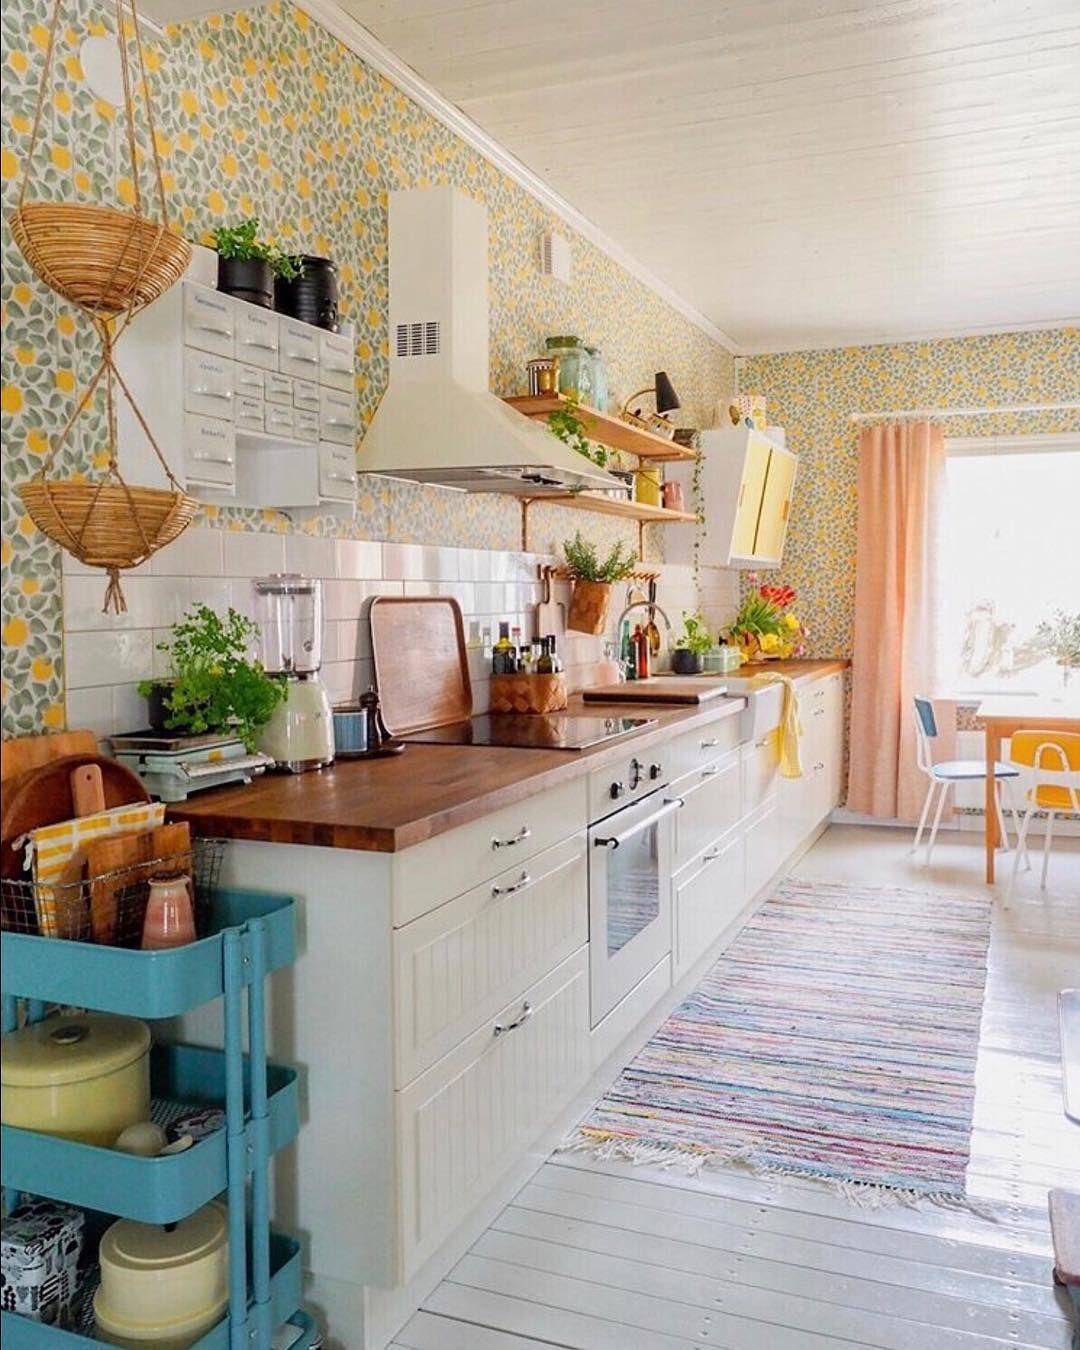 prepossessing design ideas for boho style kitchens interior design kitchen kitchen interior on kitchen interior boho id=81536